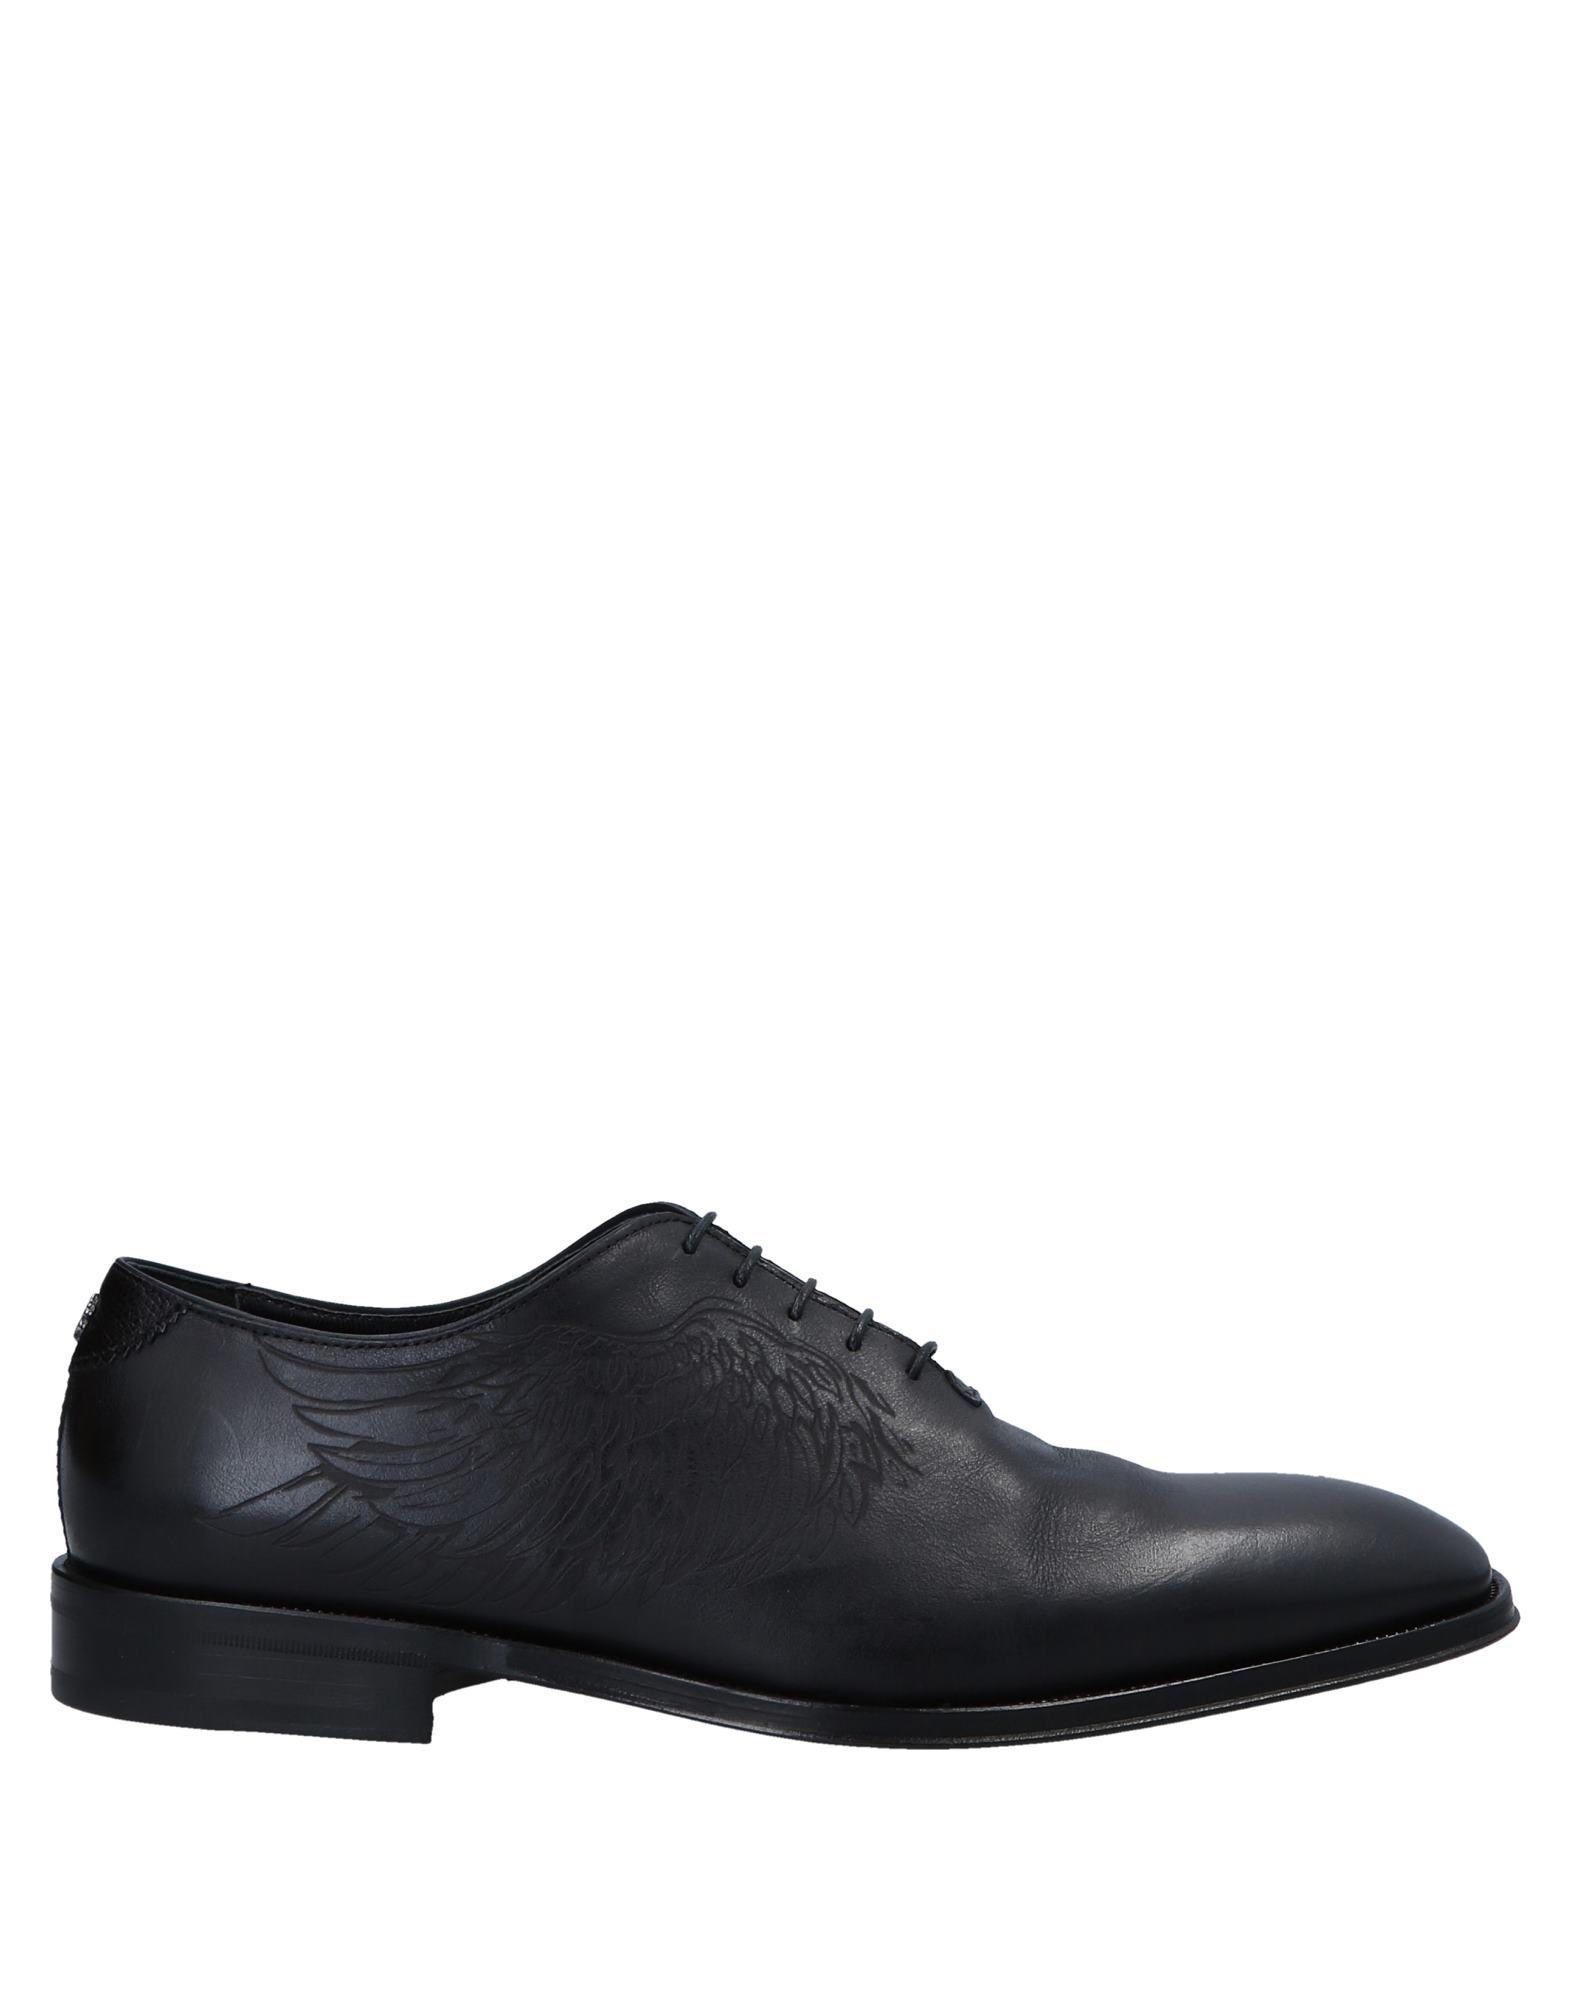 ROBERTO CAVALLI Обувь на шнурках цены онлайн